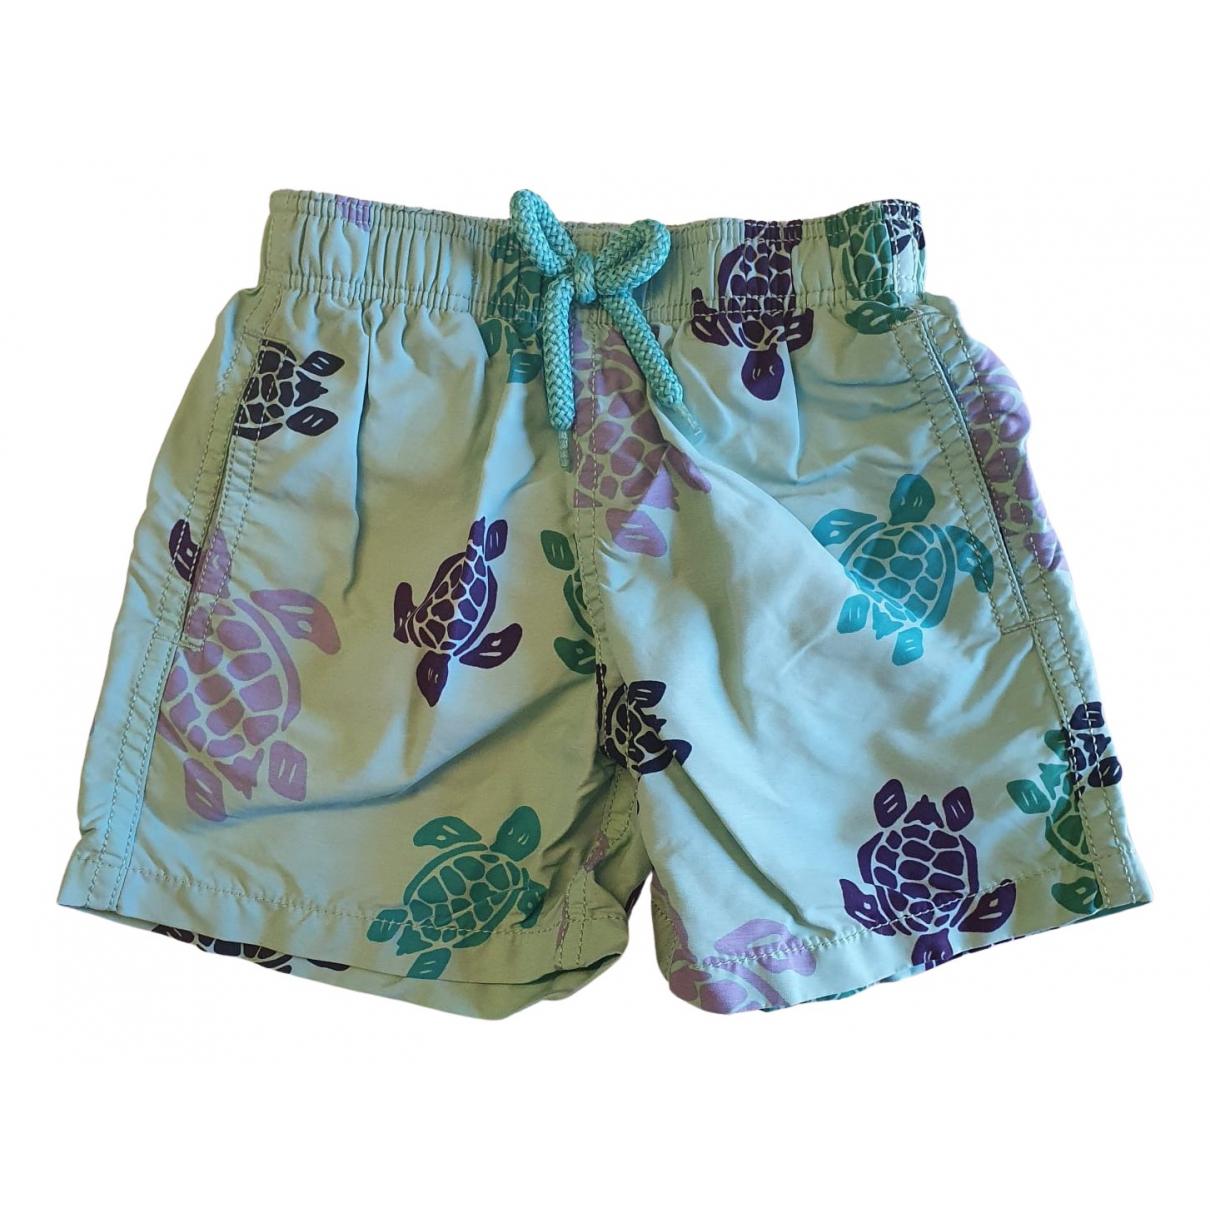 Vilebrequin - Short   pour enfant - multicolore